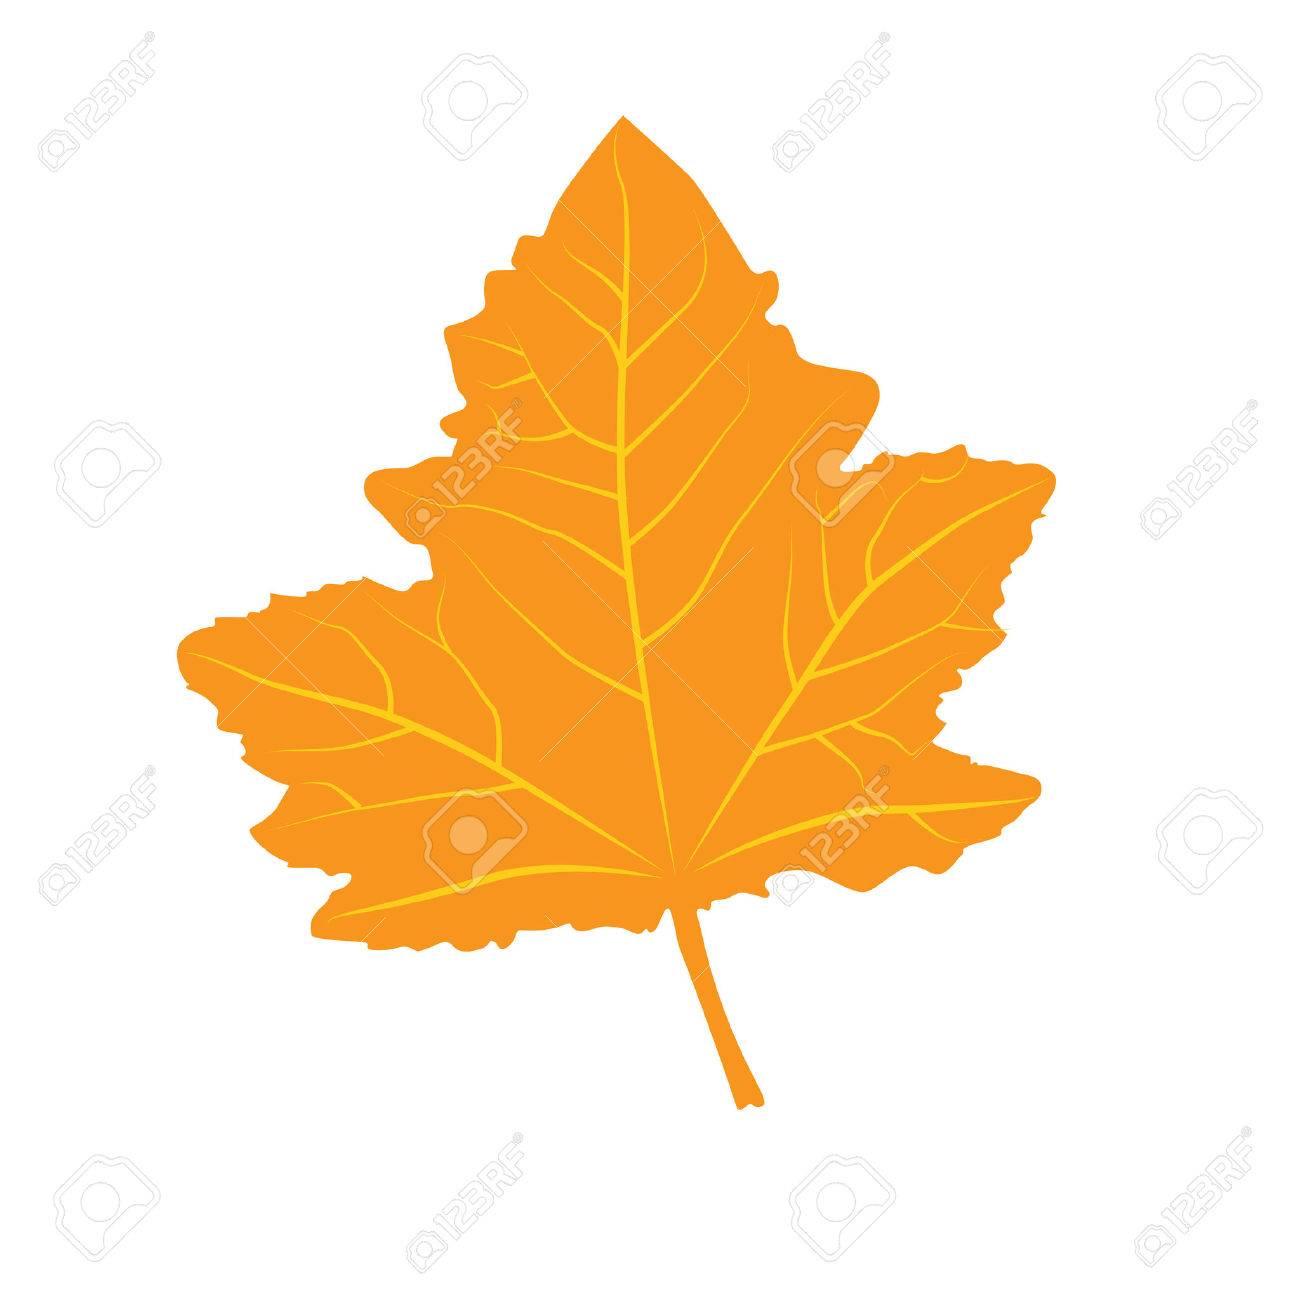 Bunte Herbstblatt Gelbe Blatter Im Herbst Auf Weissem Hintergrund